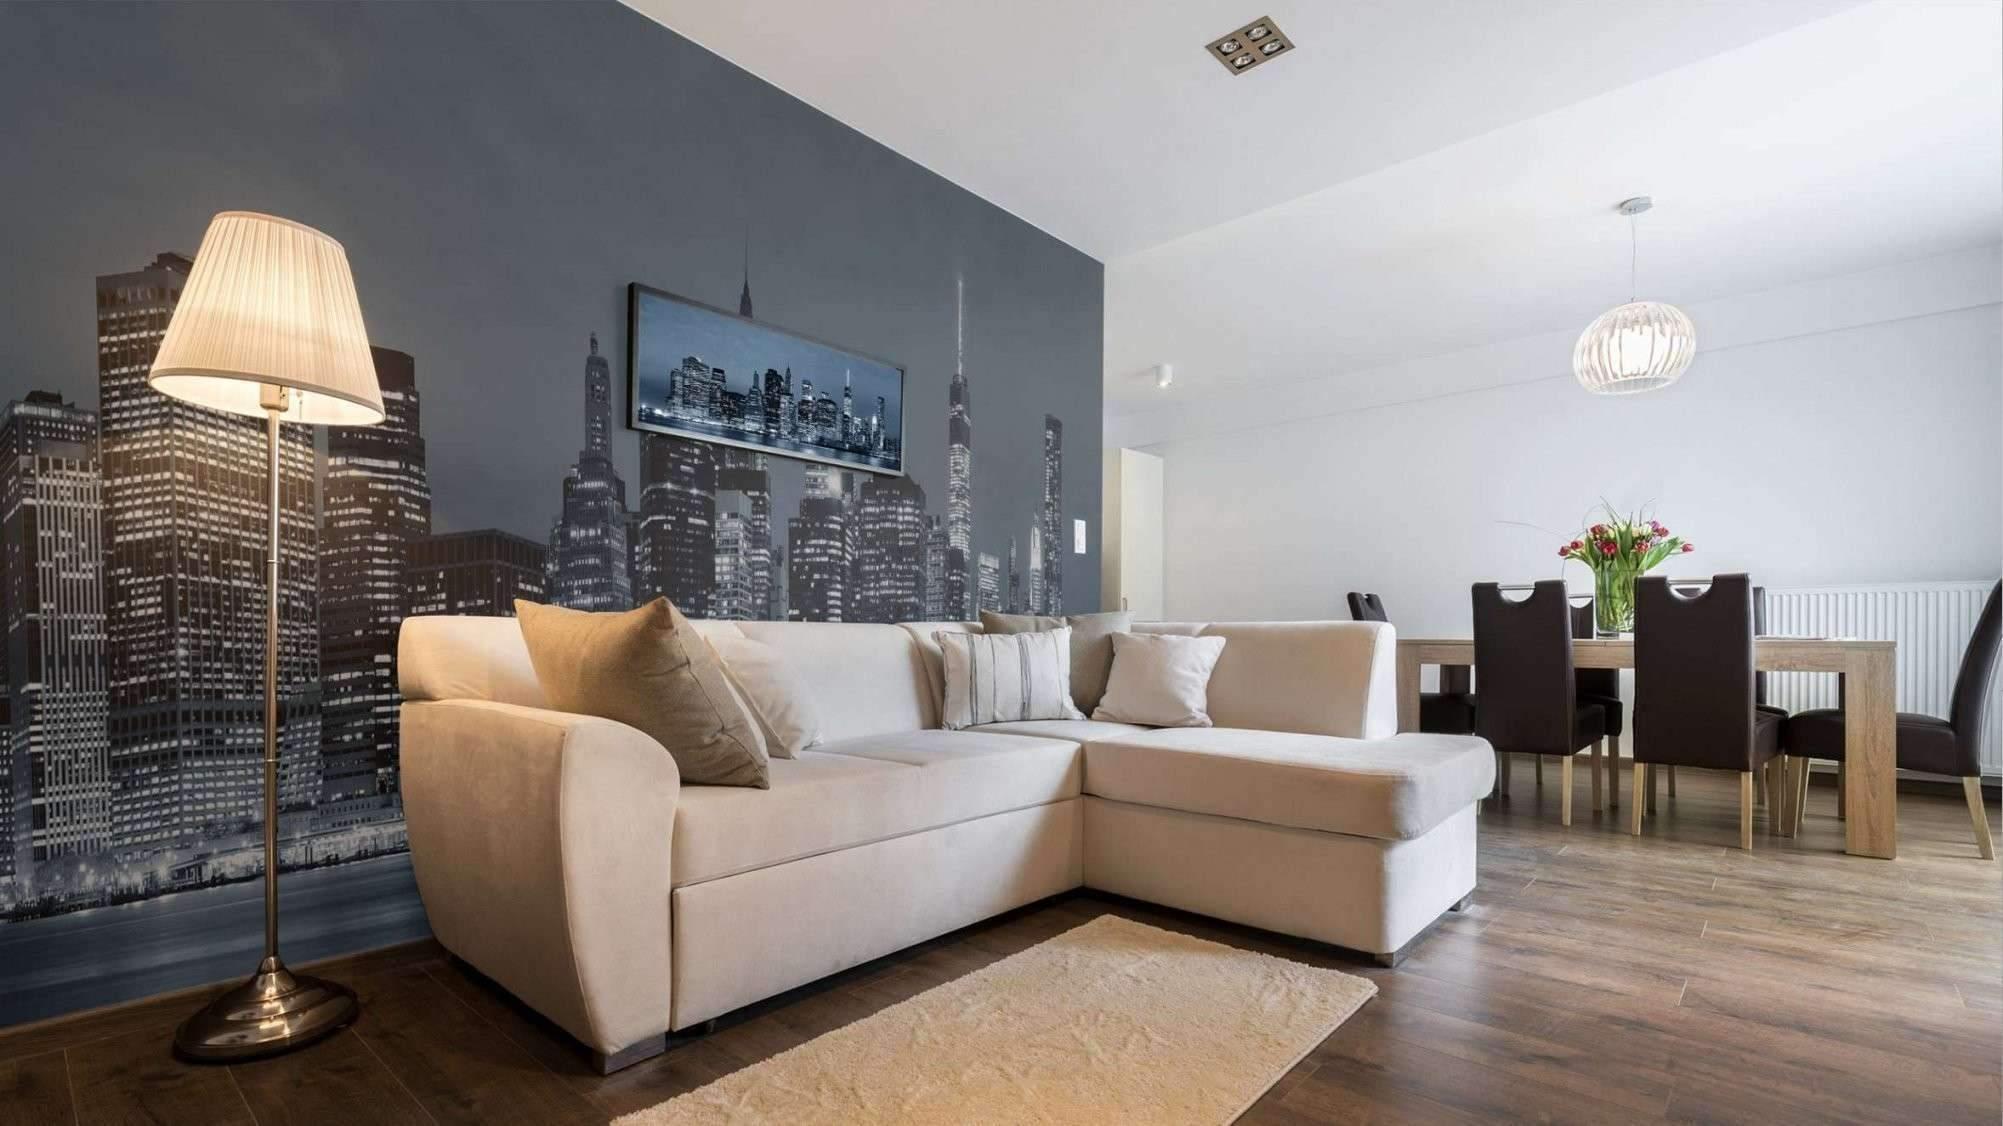 wanddekoration wohnzimmer beispiele einzigartig einzigartig wanddekoration wohnzimmer of wanddekoration wohnzimmer beispiele